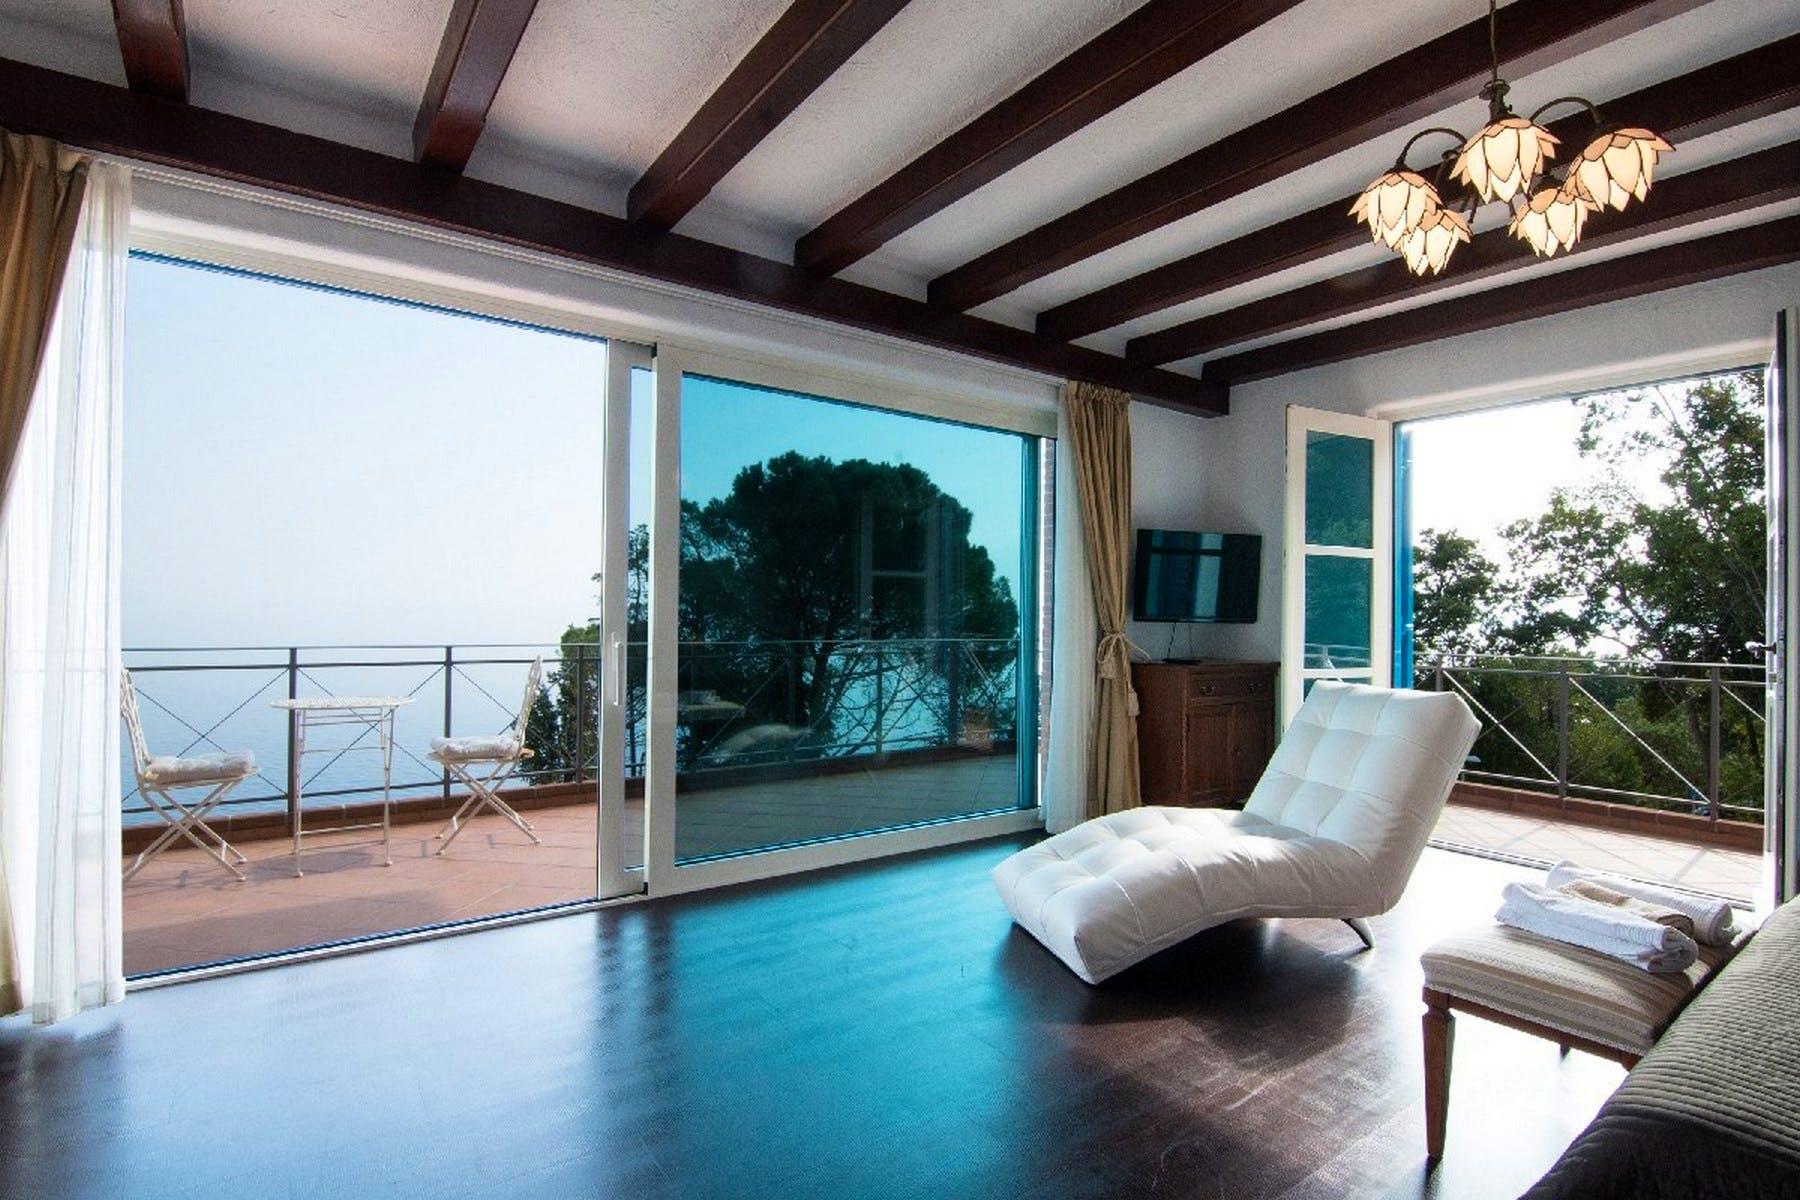 Veliki balkon s pogledom na more